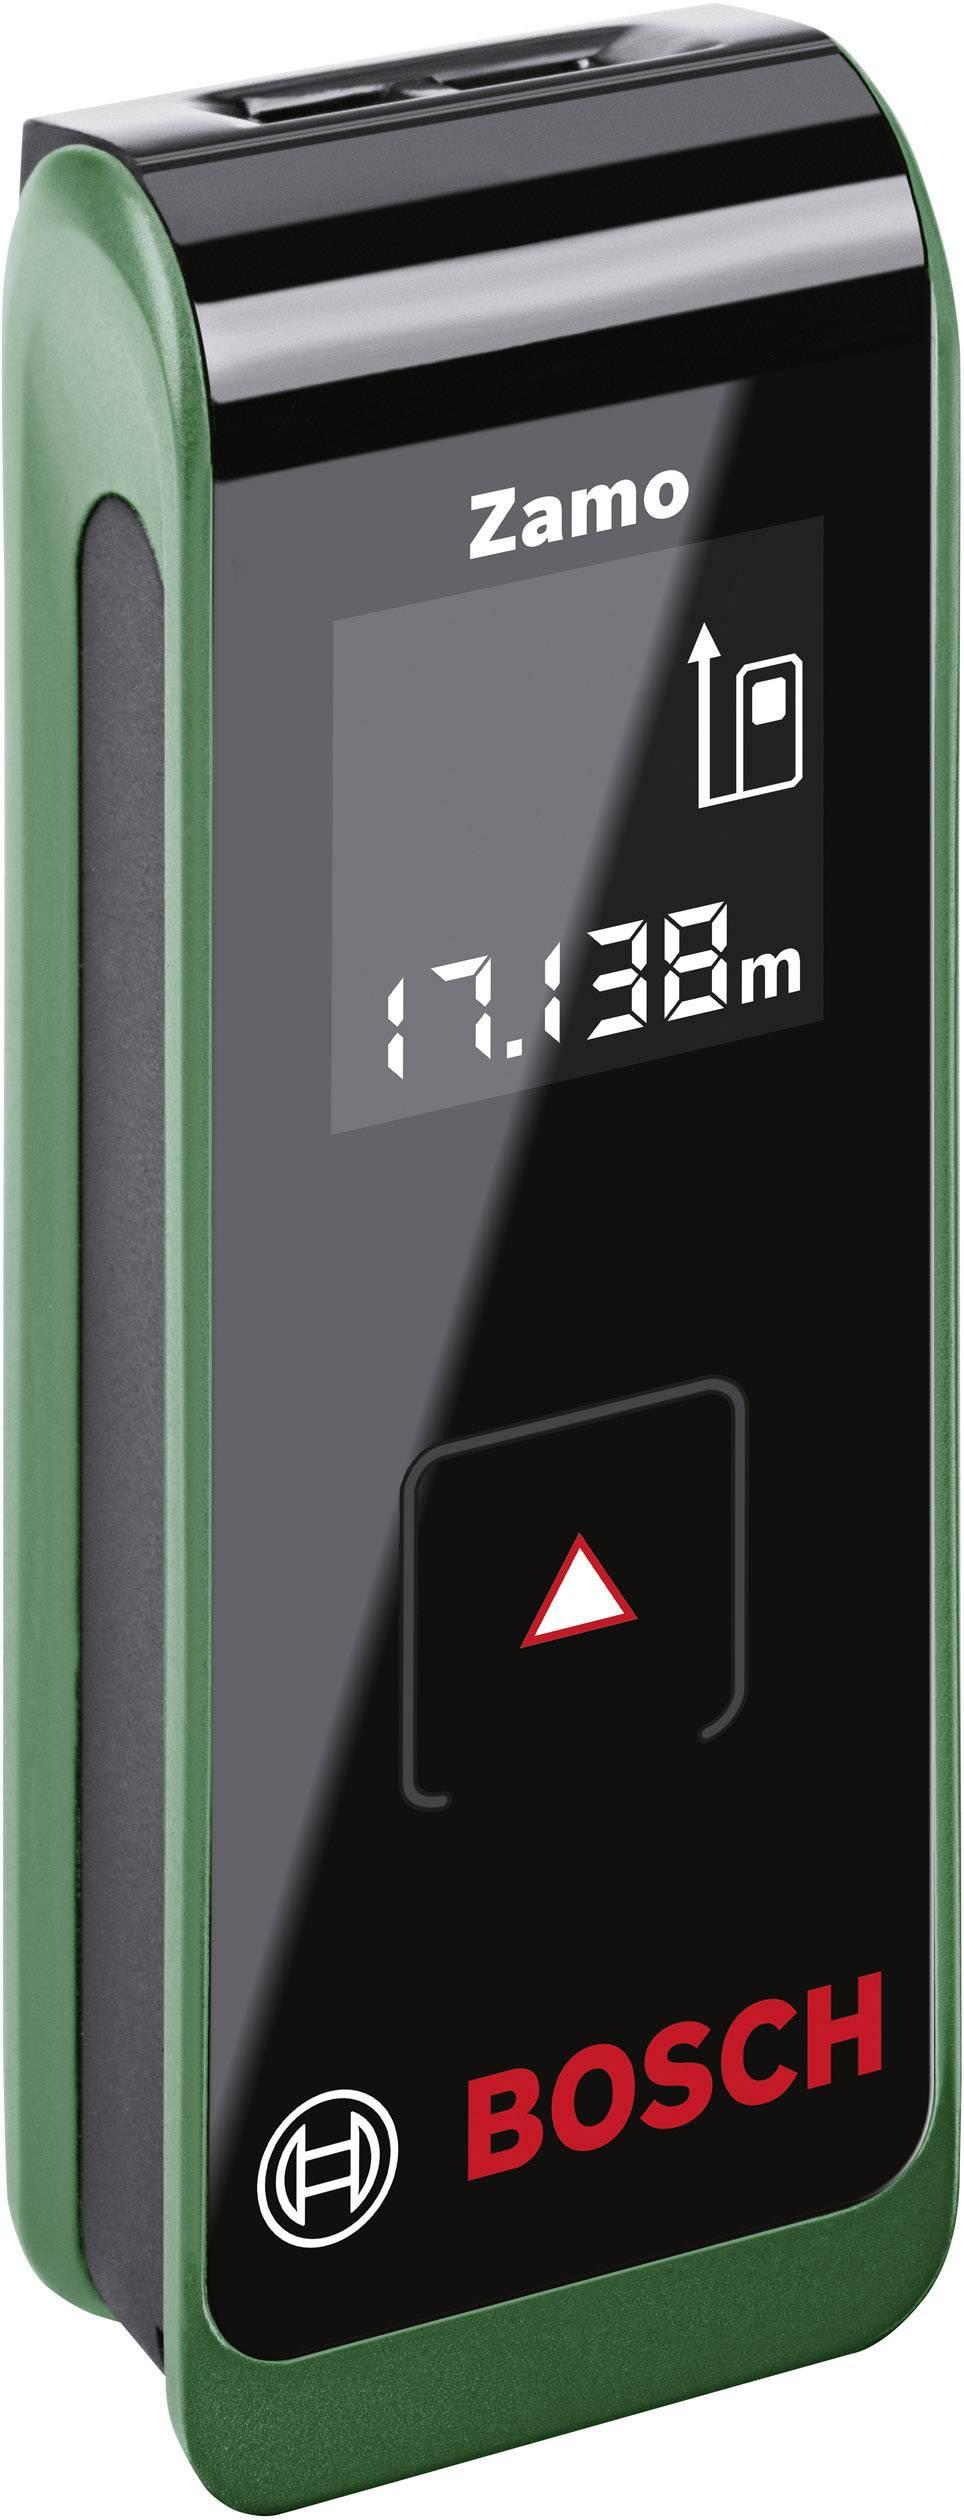 Laserový měřič vzdálenosti Bosch Home and Garden Zamo II 0603672601, max. rozsah 20 m